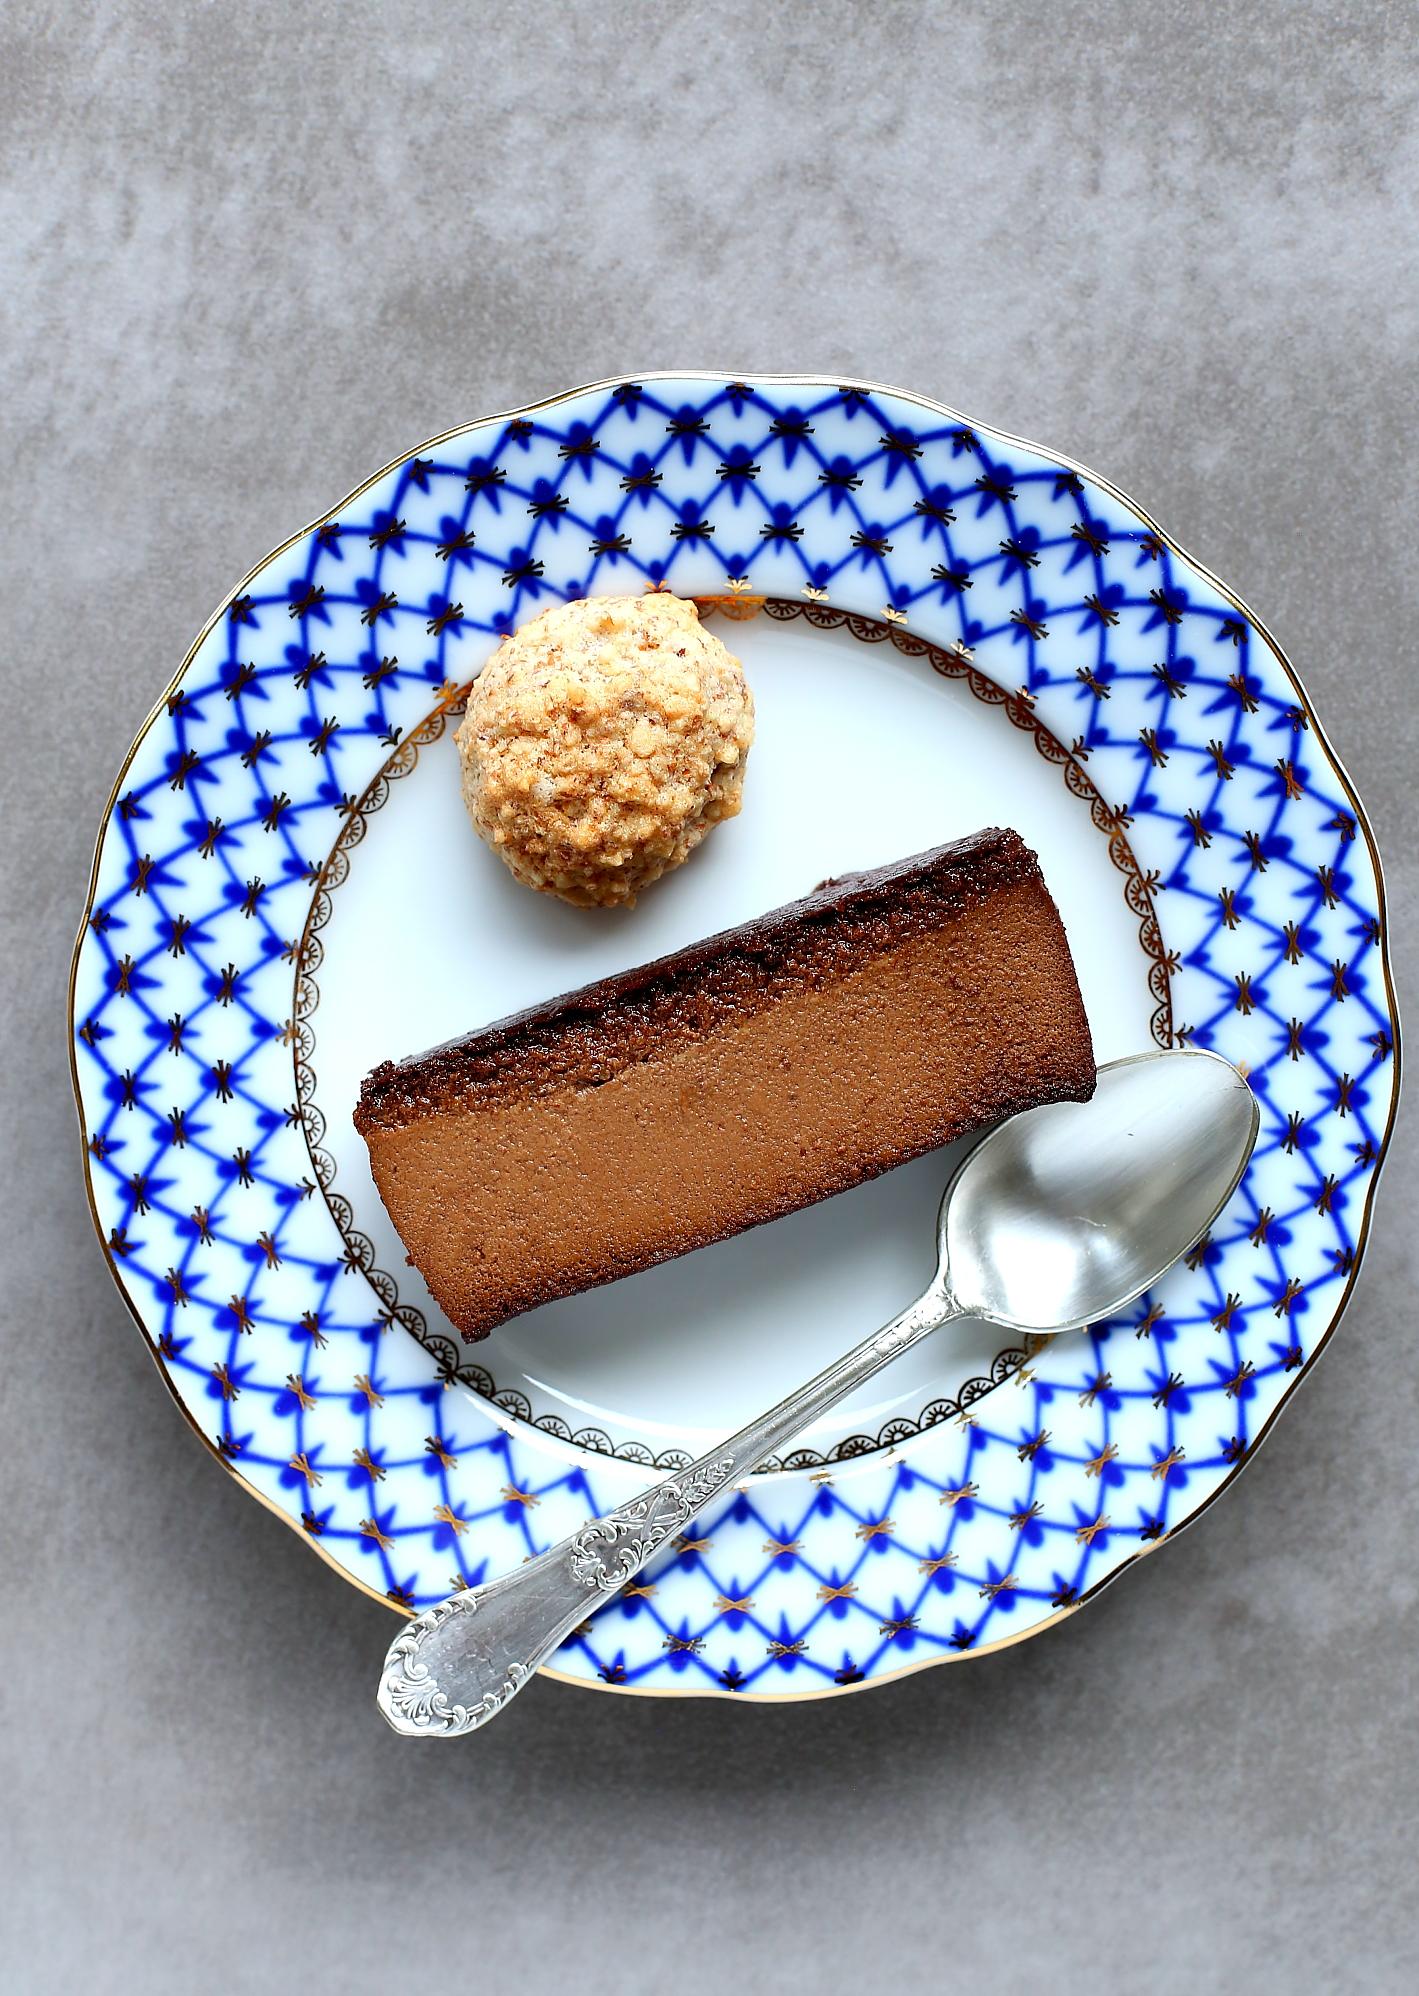 Bonet piemontese - tradycyjny deser z Piemontu